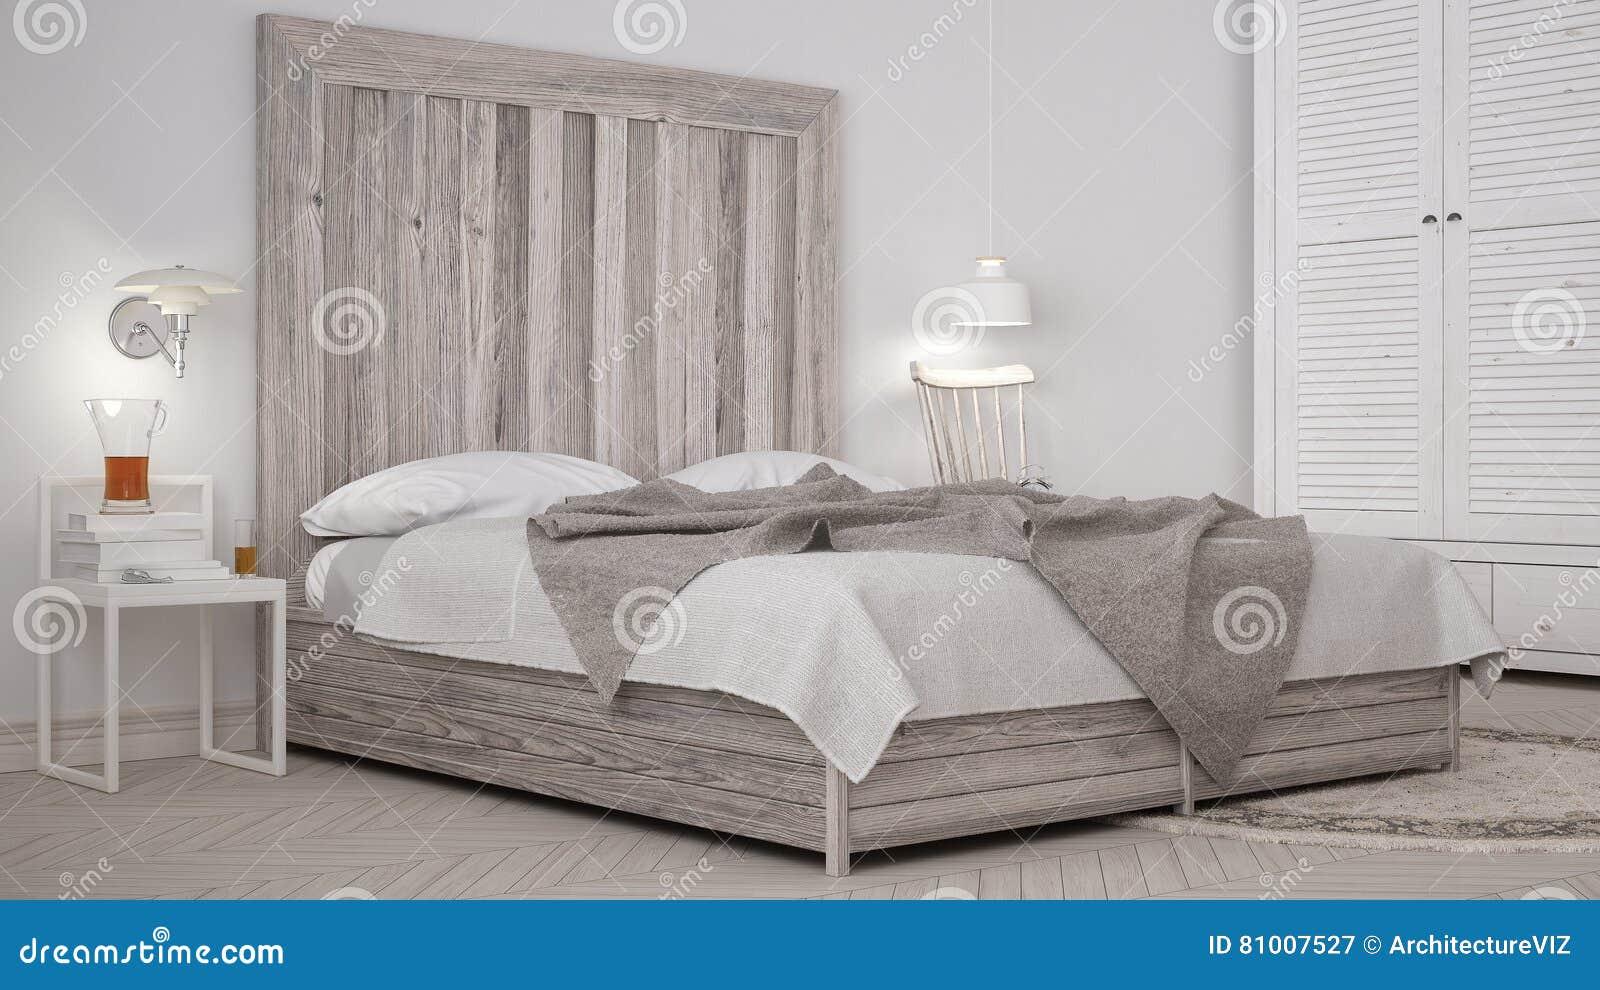 Dormitorio de DIY, cama con el cabecero de madera, eco blanco escandinavo c